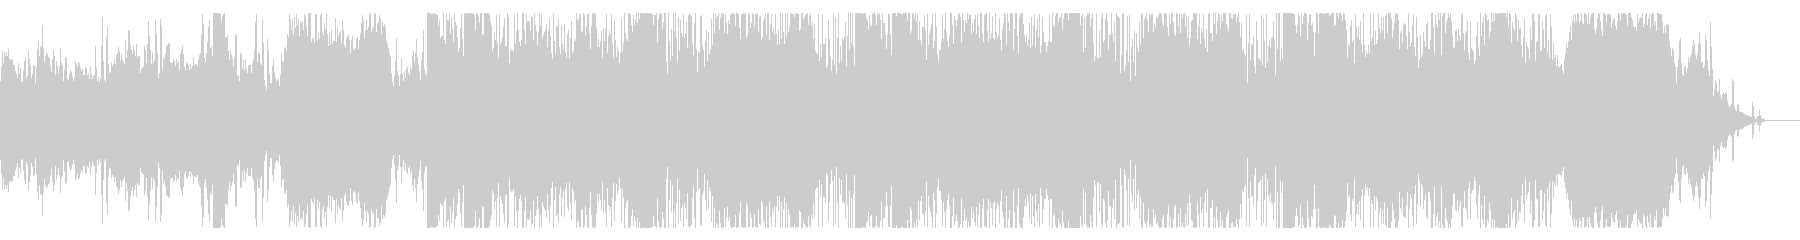 ダークでディープなデジタルテクスチャの未再生の波形